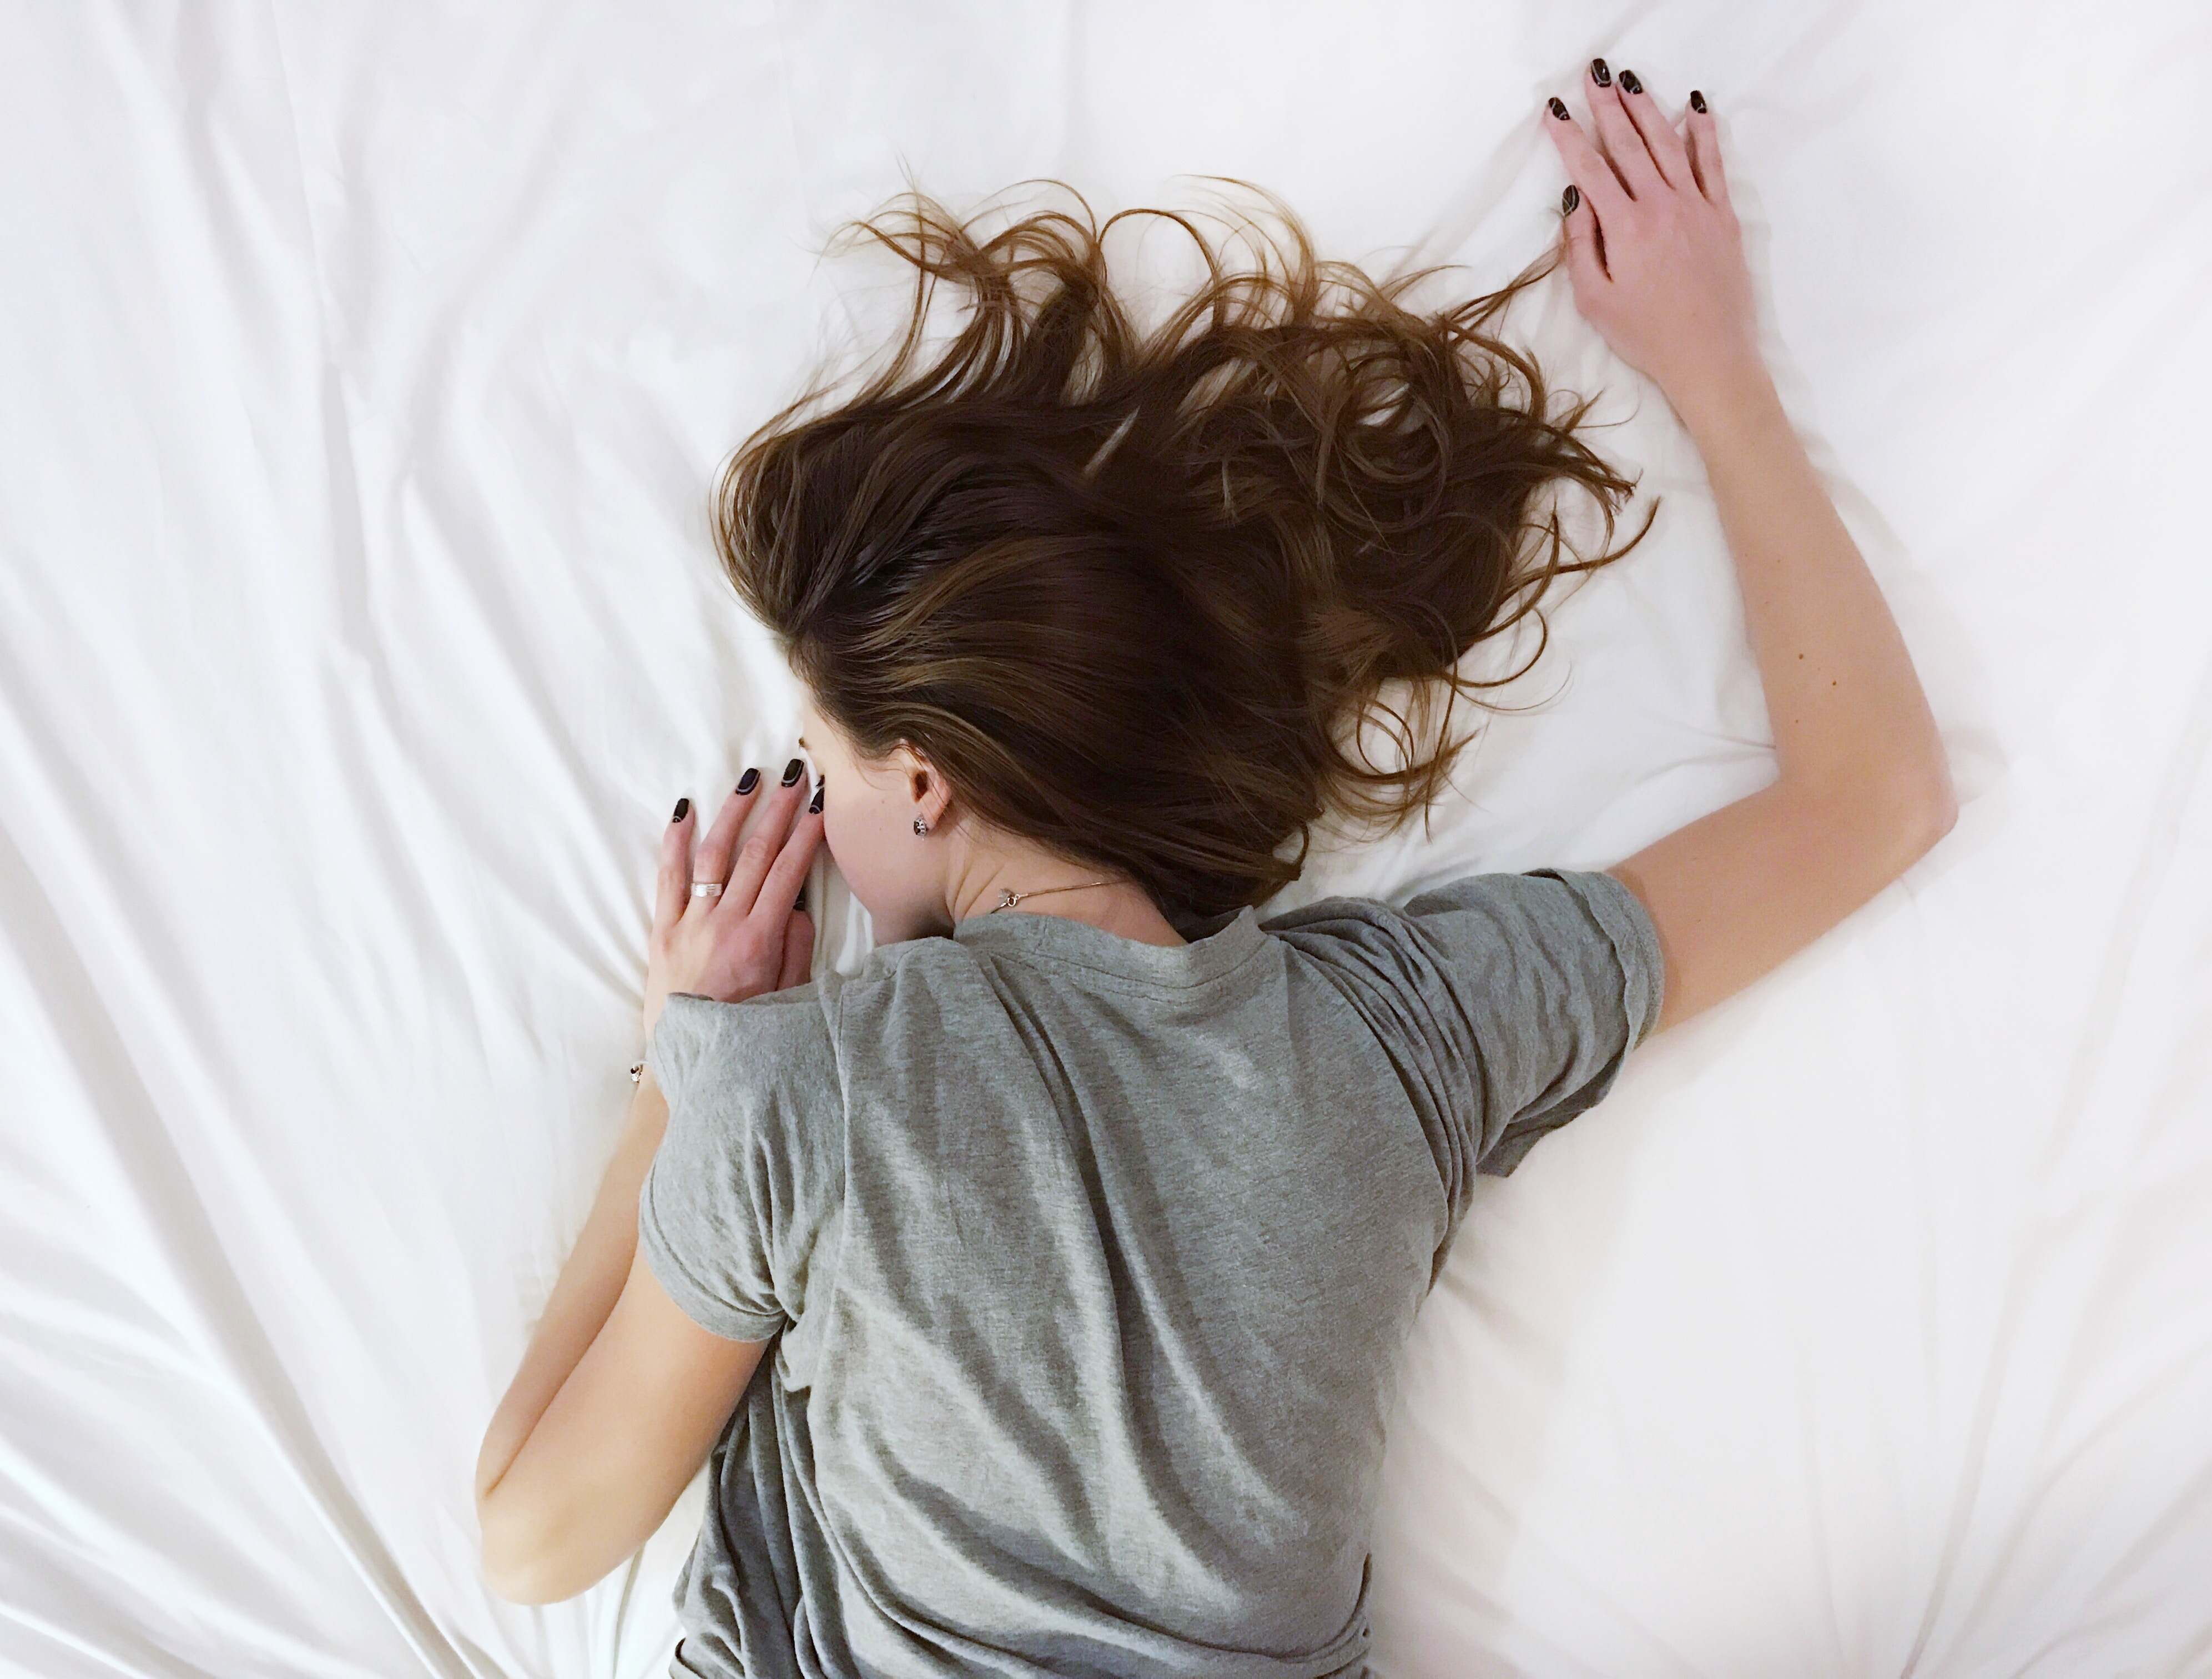 Tudi nepravilno spanje je lahko zdravju škodljivo.